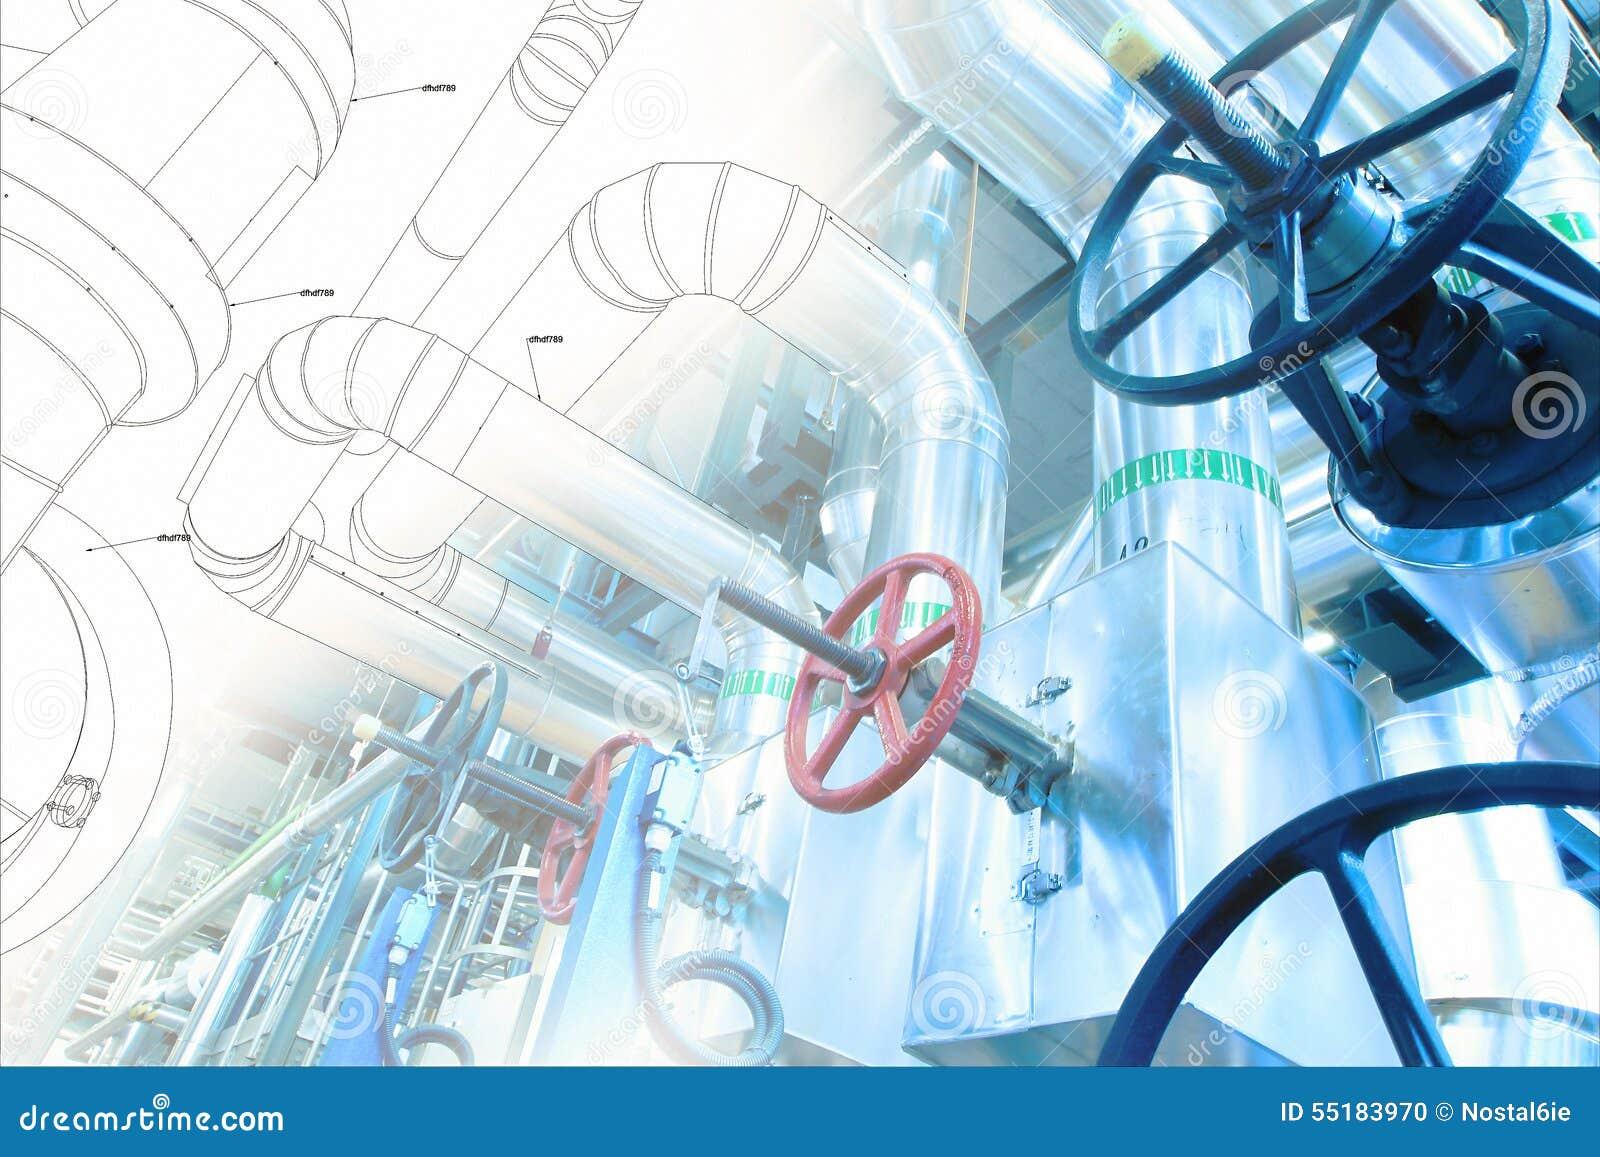 Schets van leidingenontwerp aan industriële materiaalfoto die wordt gemengd